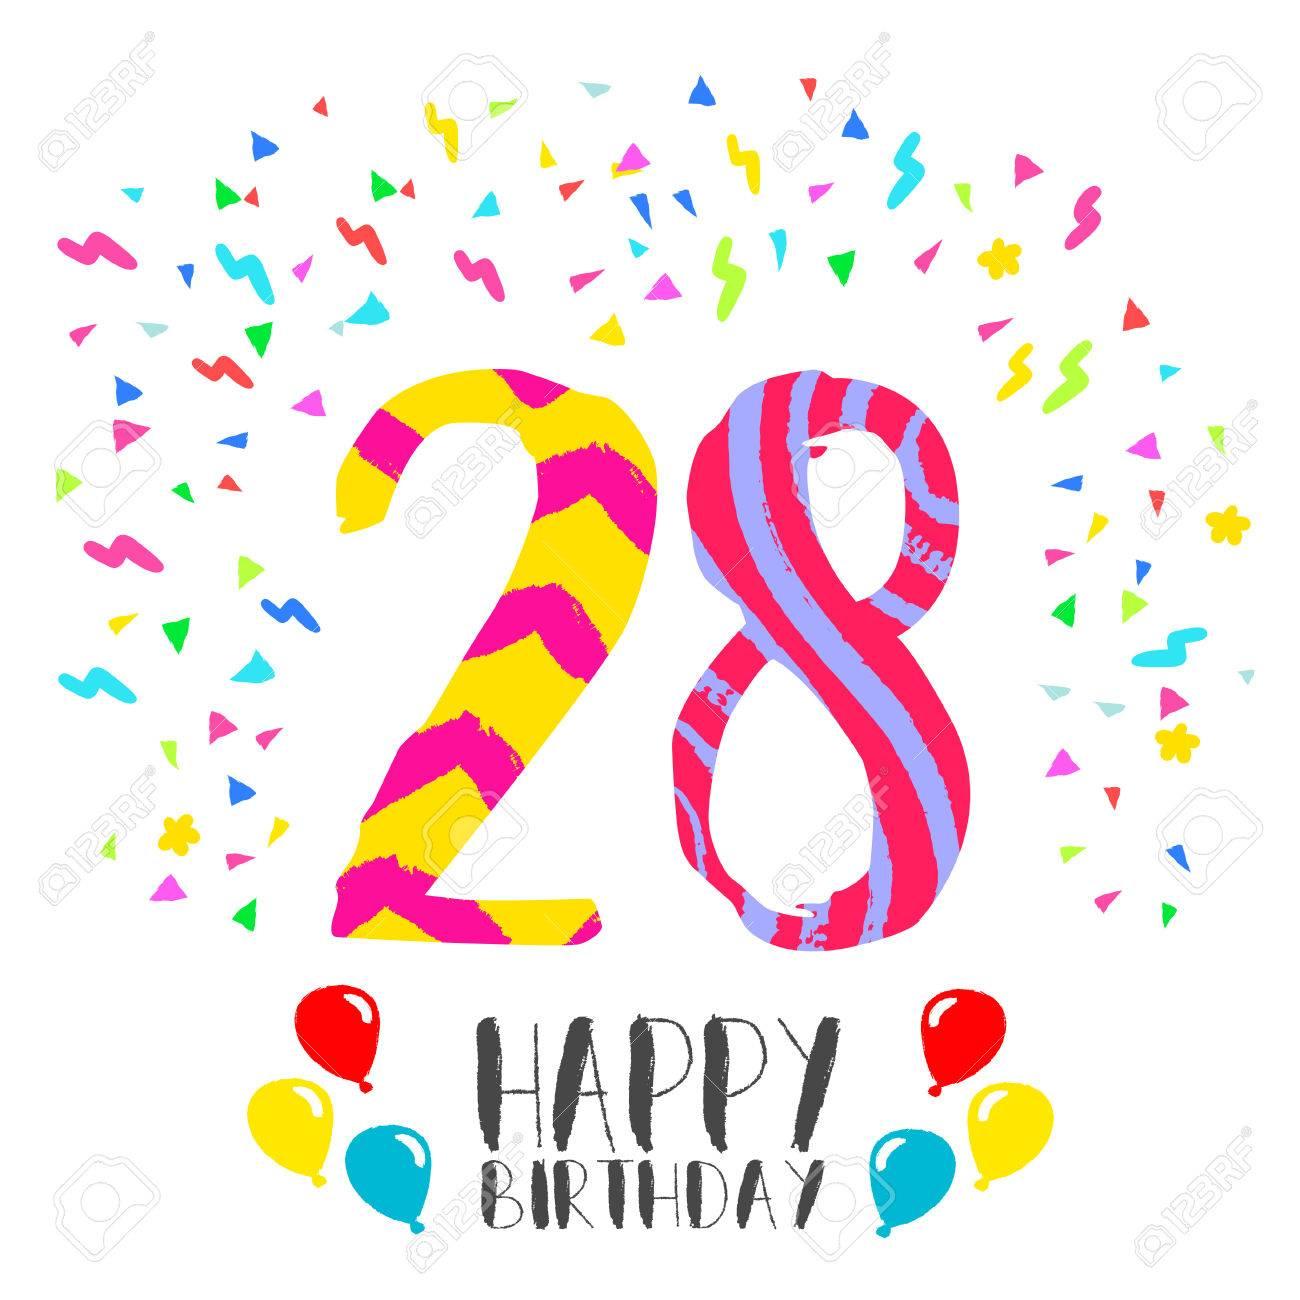 Joyeux Anniversaire Numéro 28 Carte De Voeux Pour Vingt Huit Ans En Style Art Amusant Avec Des Confettis De Fête Invitation Danniversaire